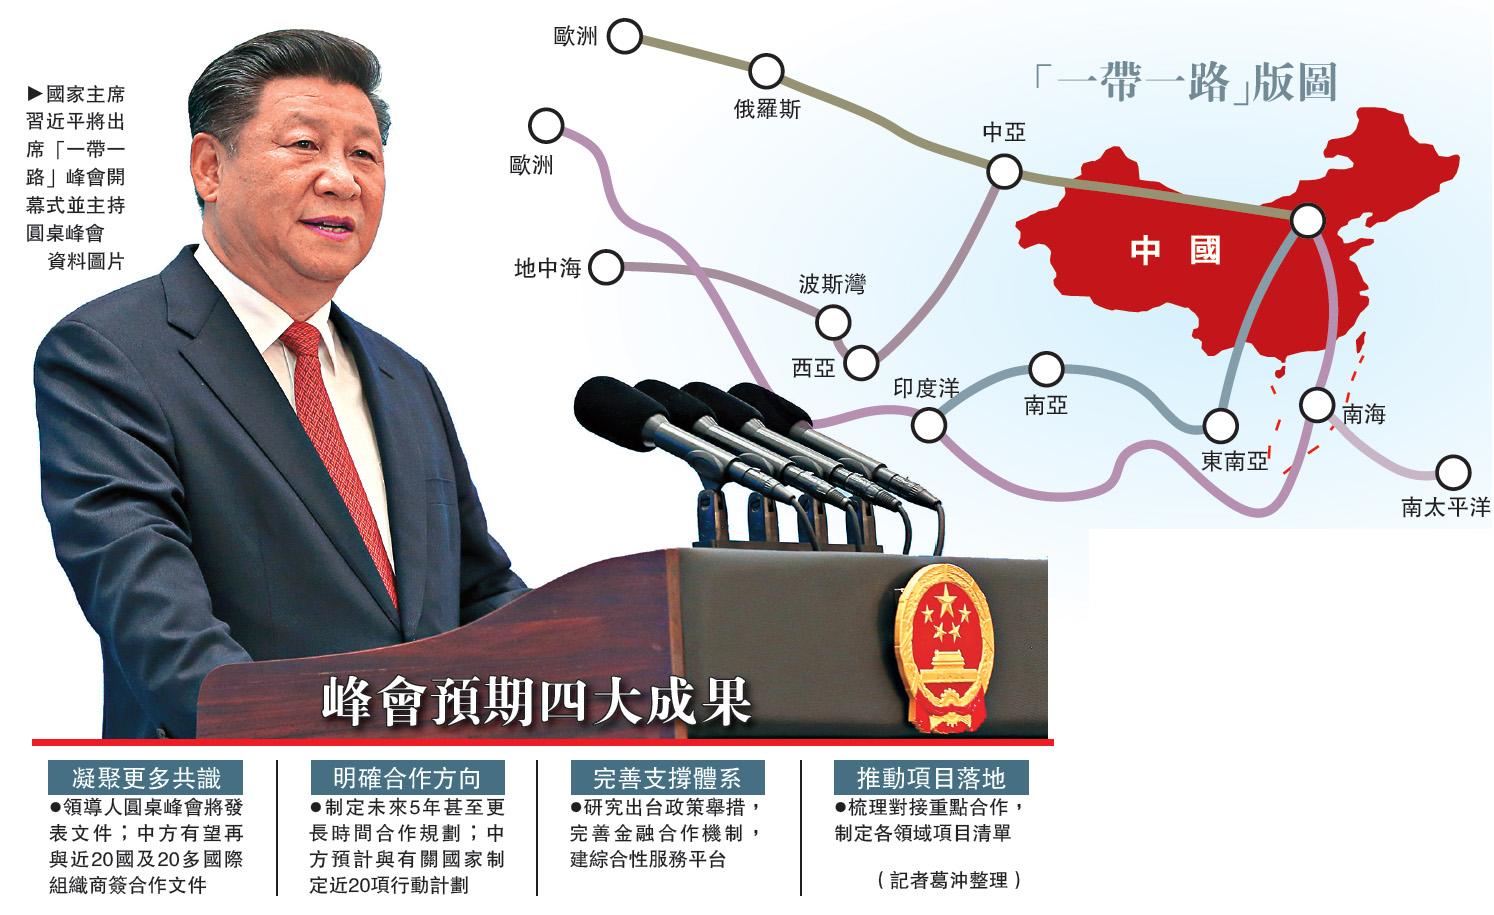 """""""一带一路""""峰会28国首脑赴京 港澳代表将参加.jpg"""